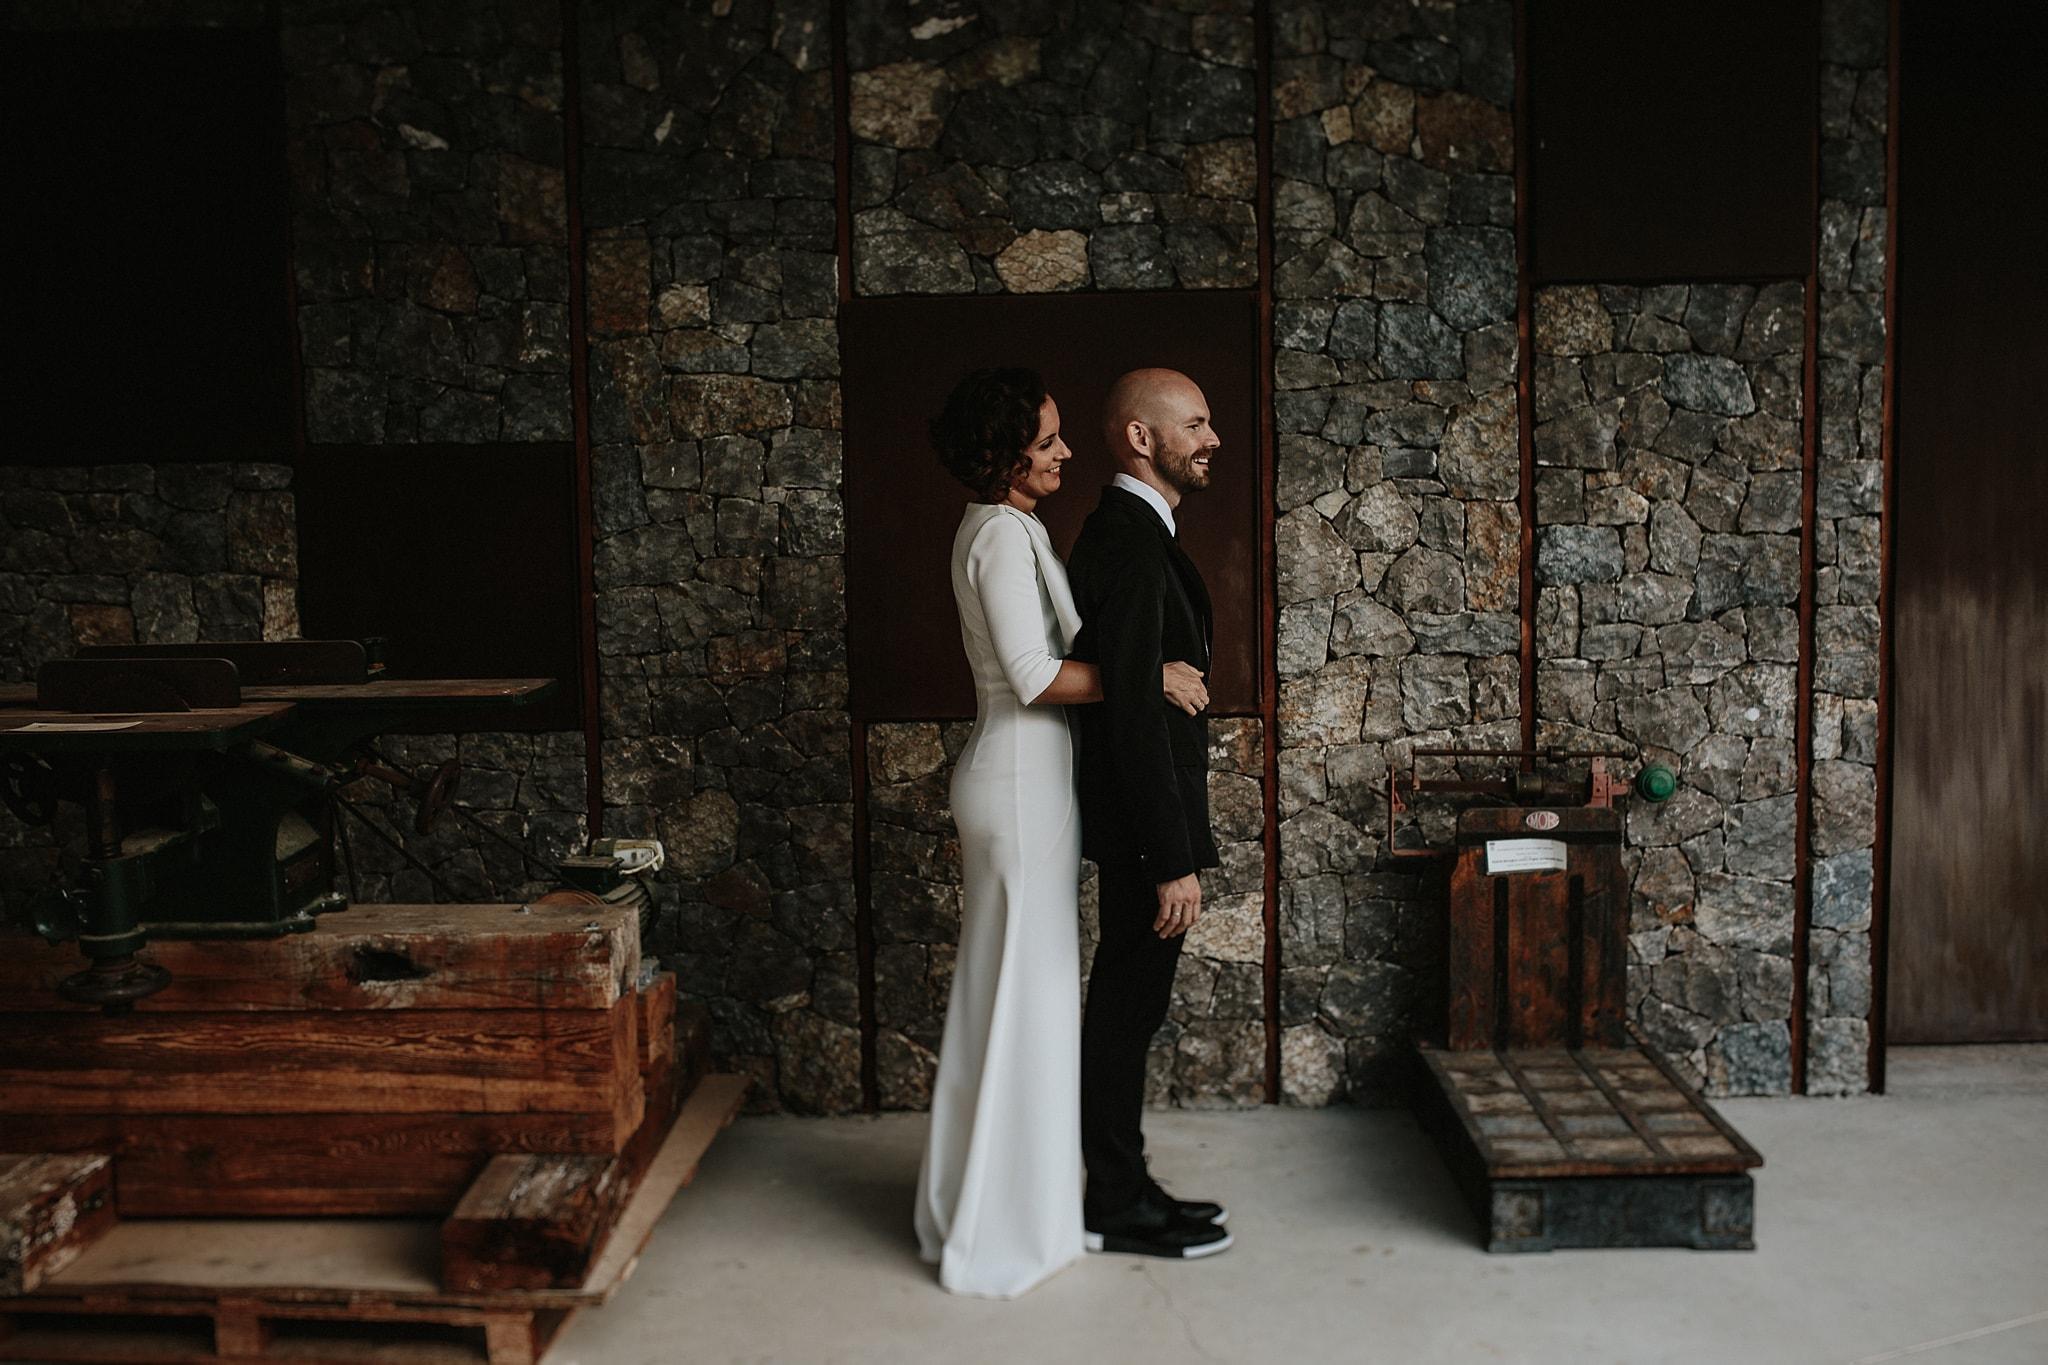 prisma-blanco-fotografia-bodas-altea-146